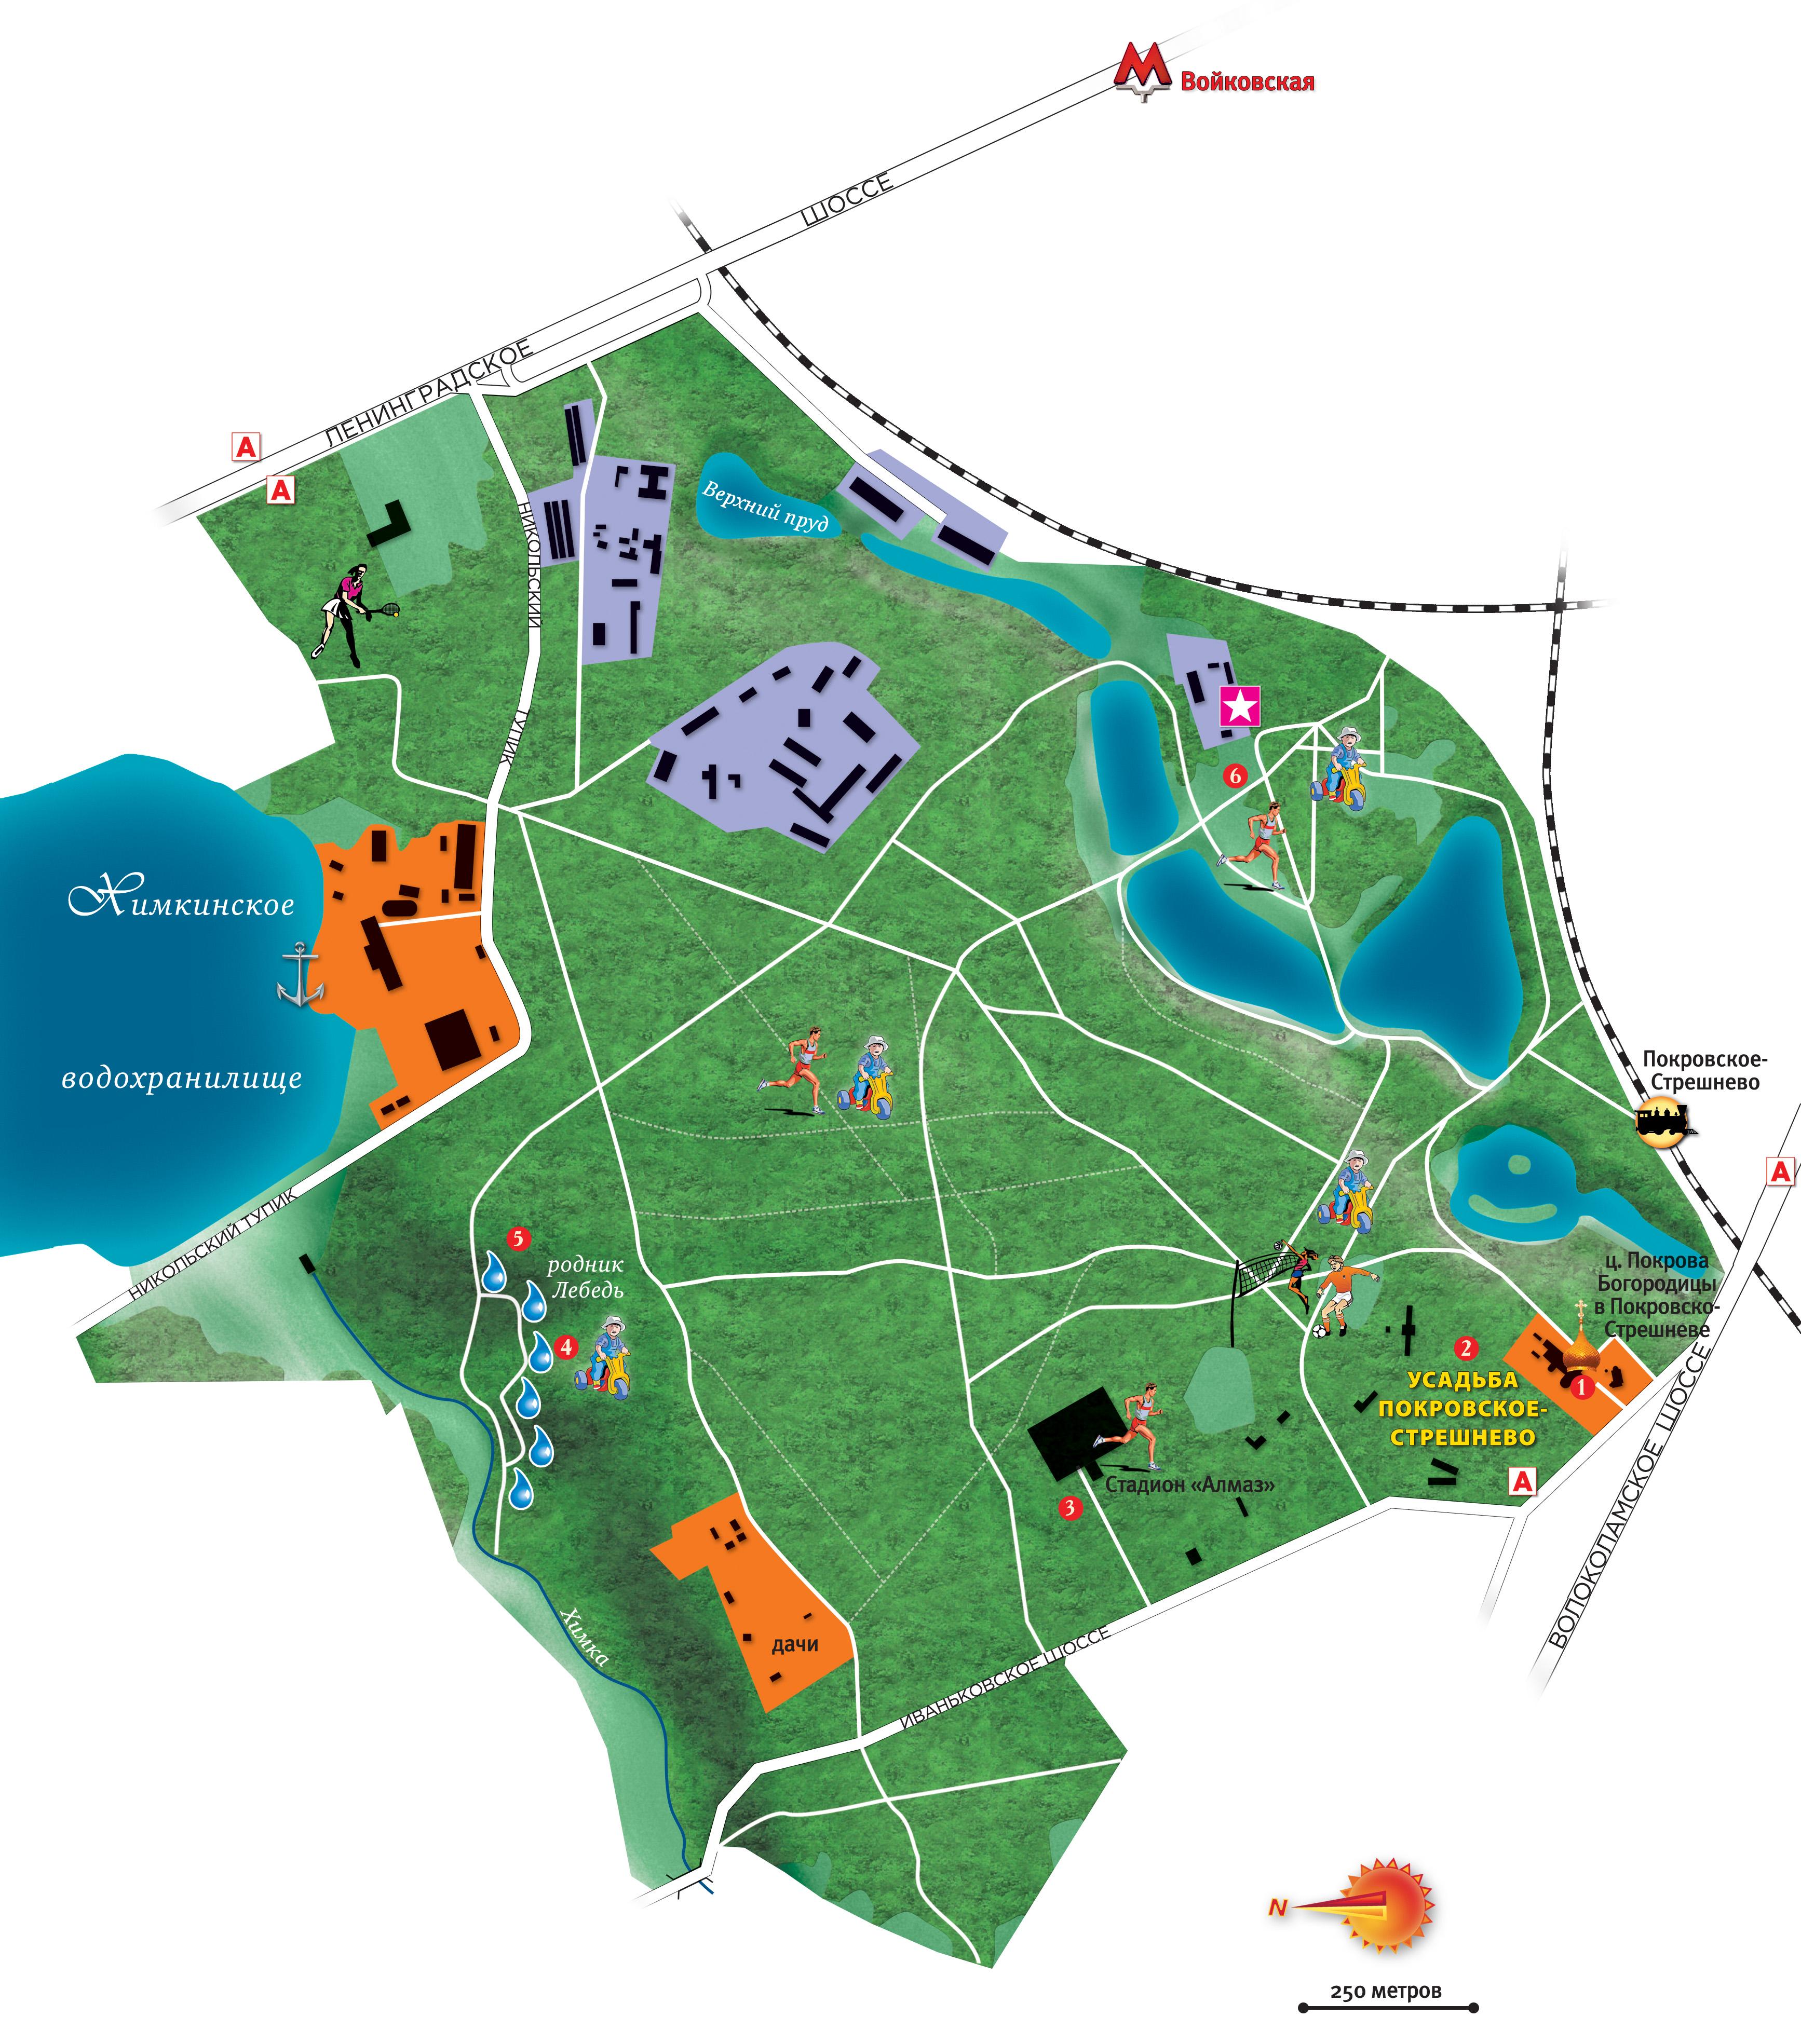 Парк кусково схема парка фото 350